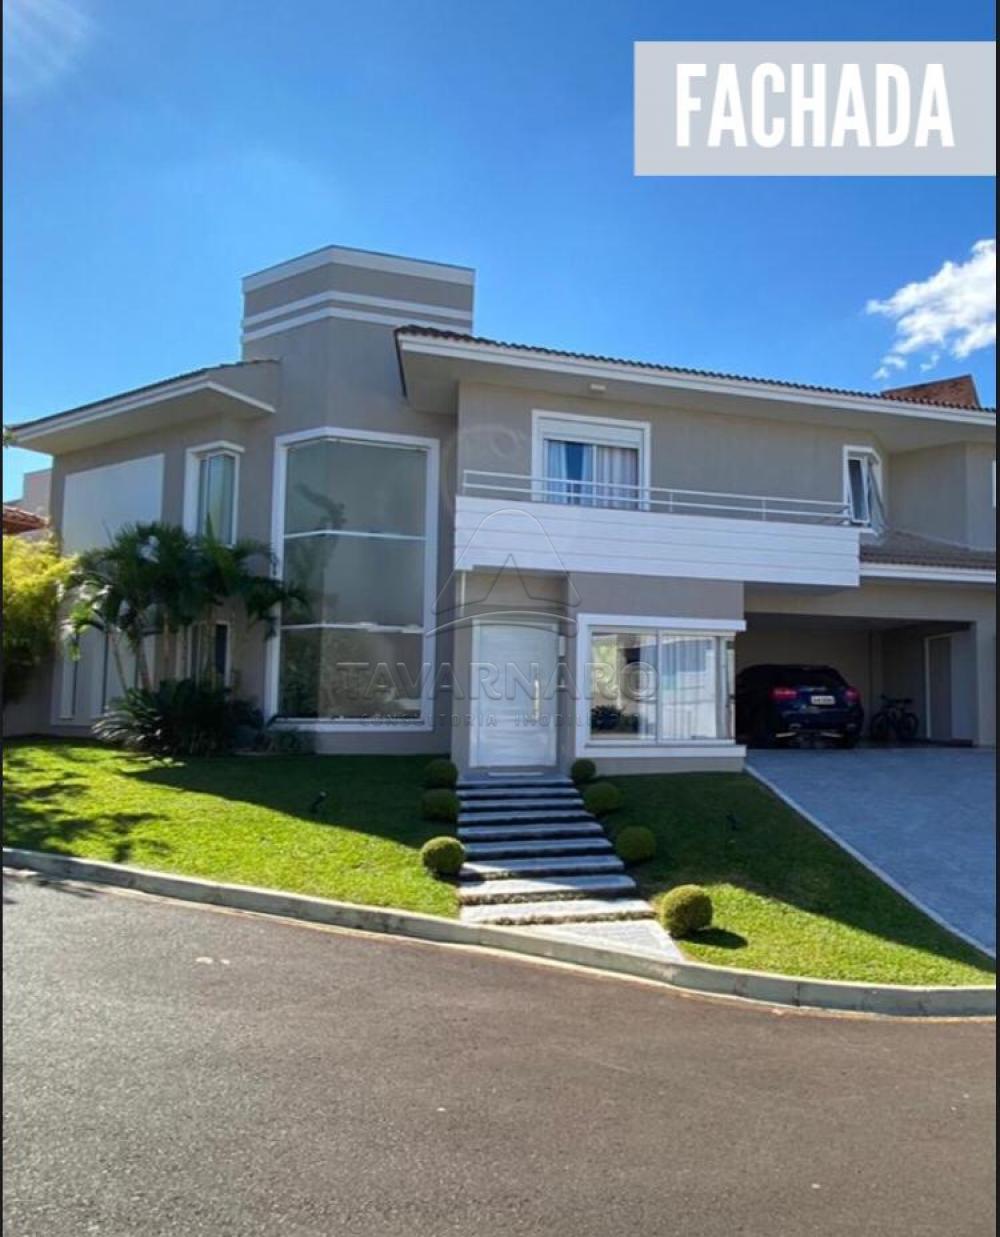 Comprar Casa / Condomínio em Ponta Grossa apenas R$ 1.590.000,00 - Foto 2